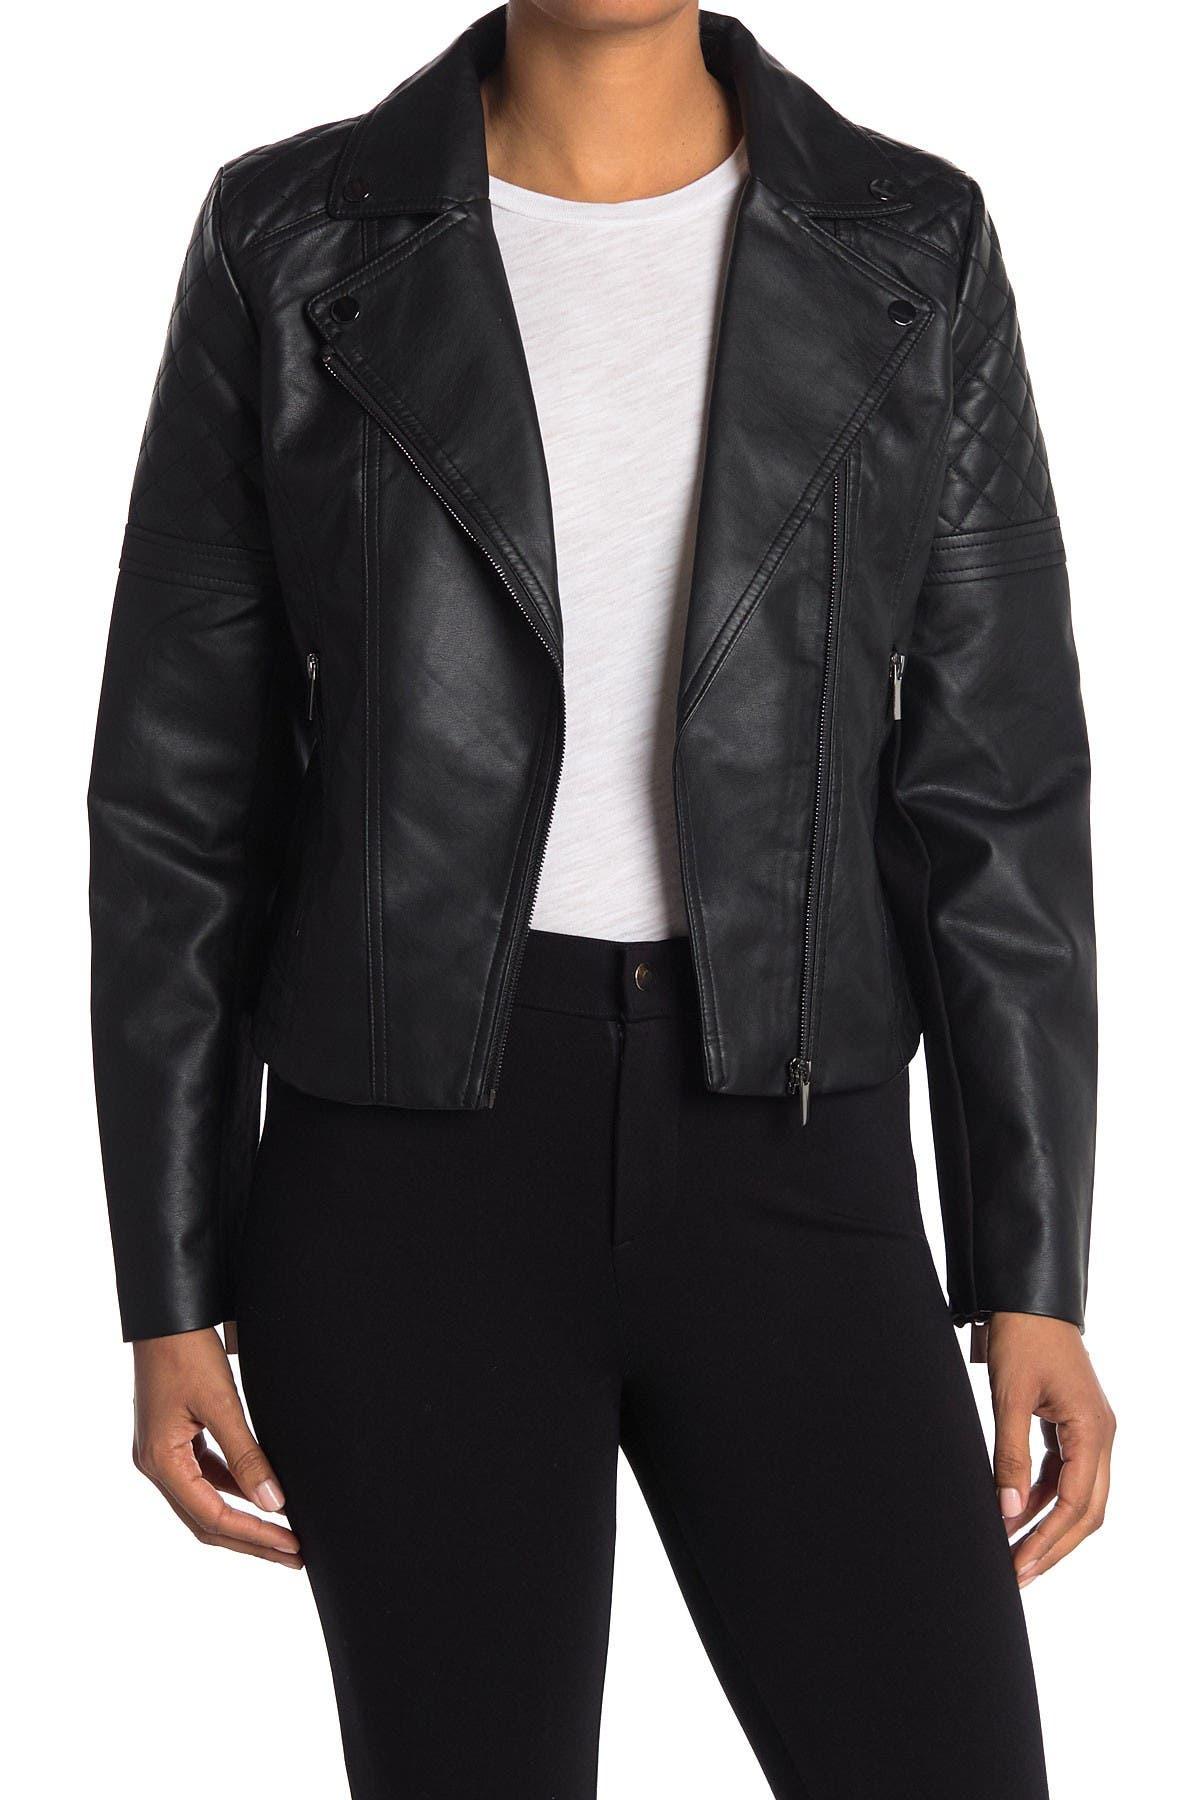 Vakkest Womens Cool Faux Leather Zipper Ruffle Slim Fit PU Moto Biker Jacket Outwear